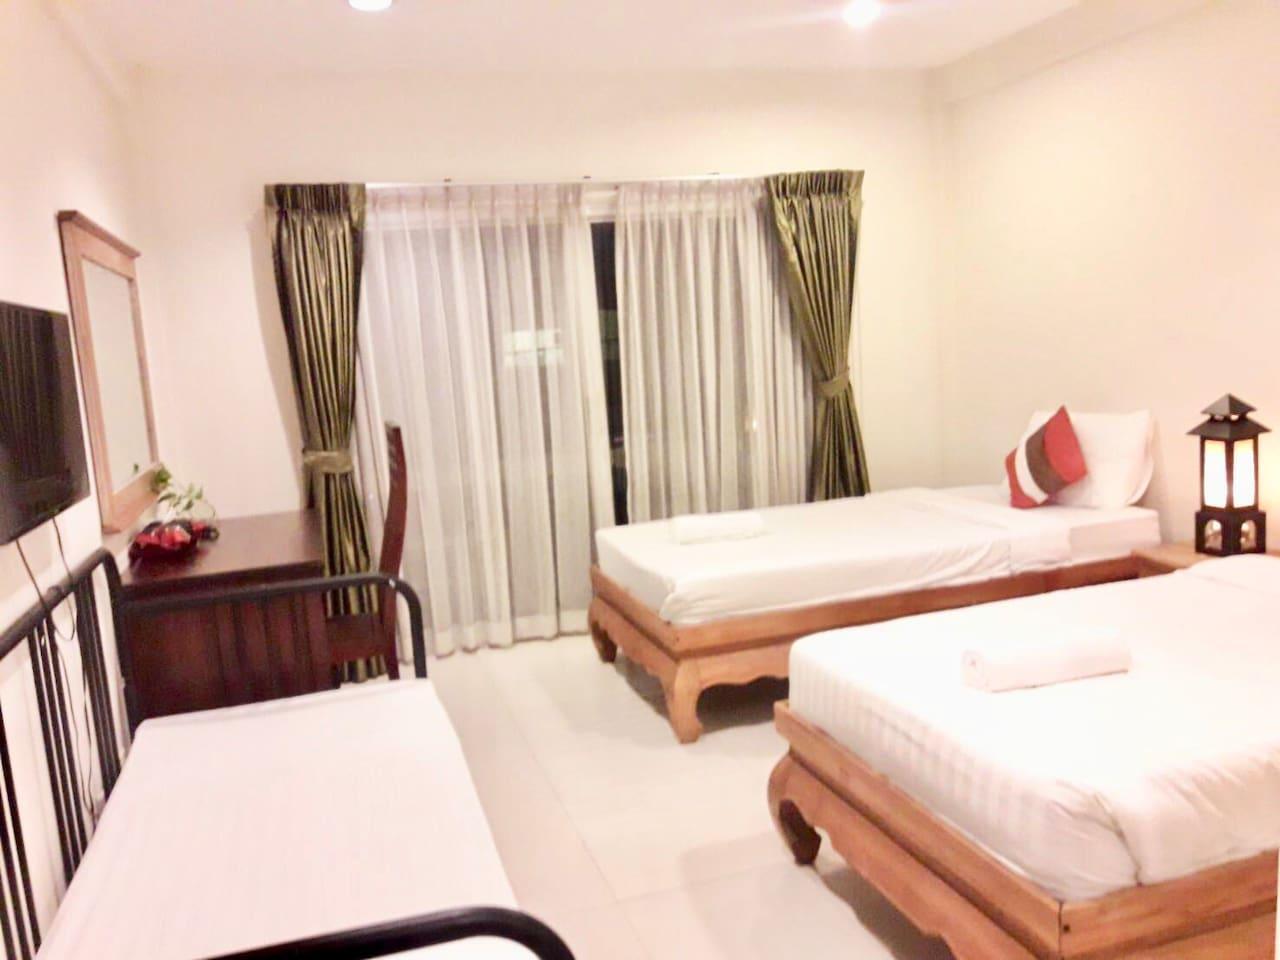 39living Studio 3 Beds 402